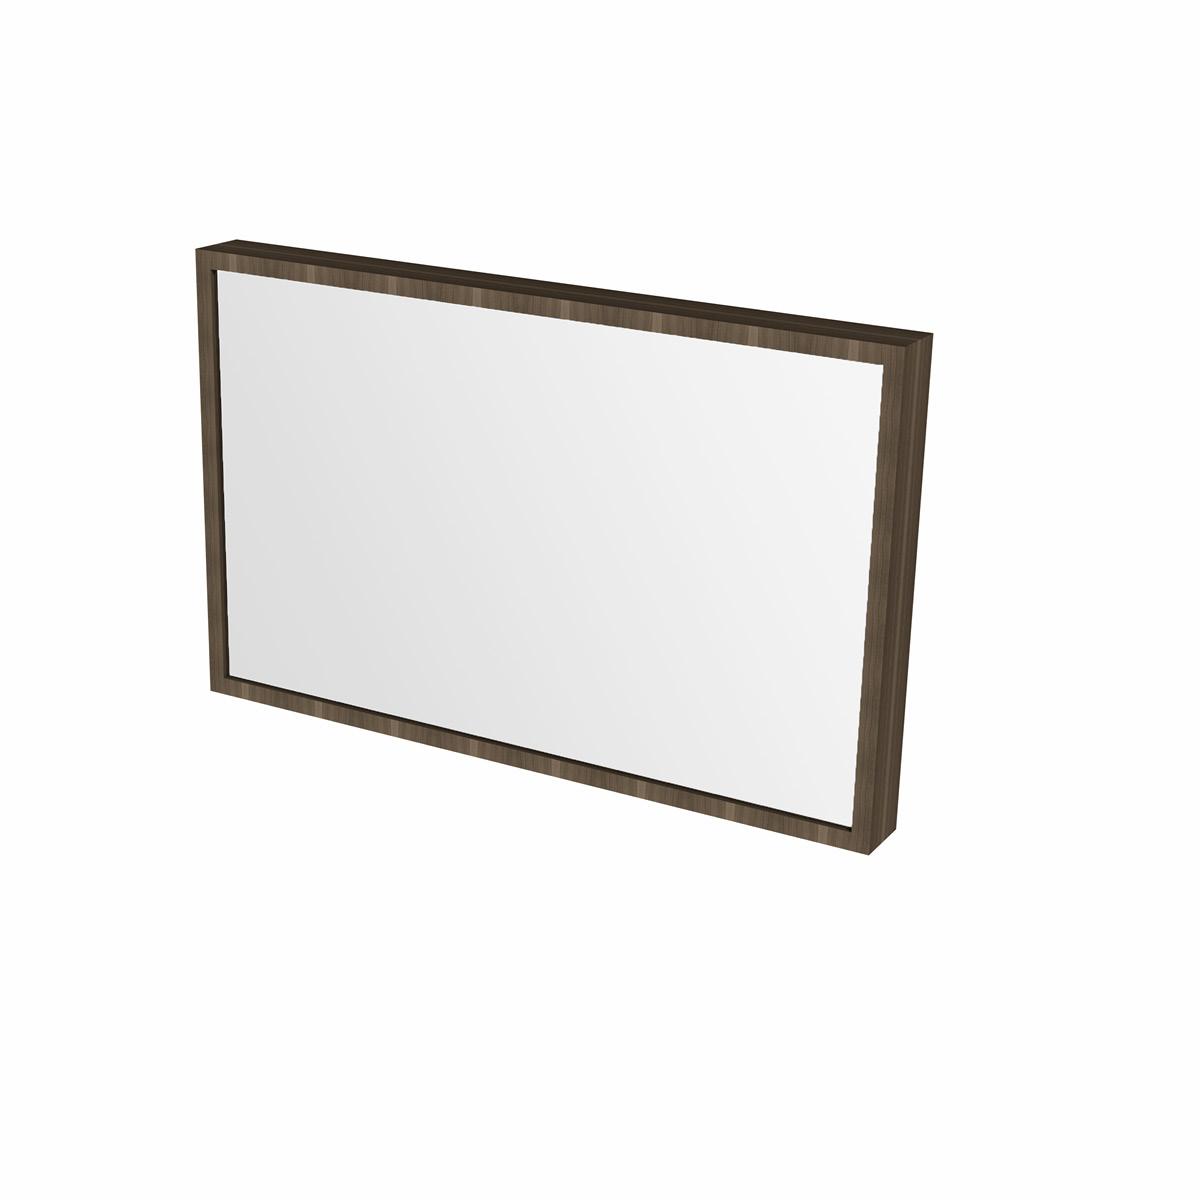 Spiegel 80 Cm Nussbaum Badewelt Badezimmer Möbel